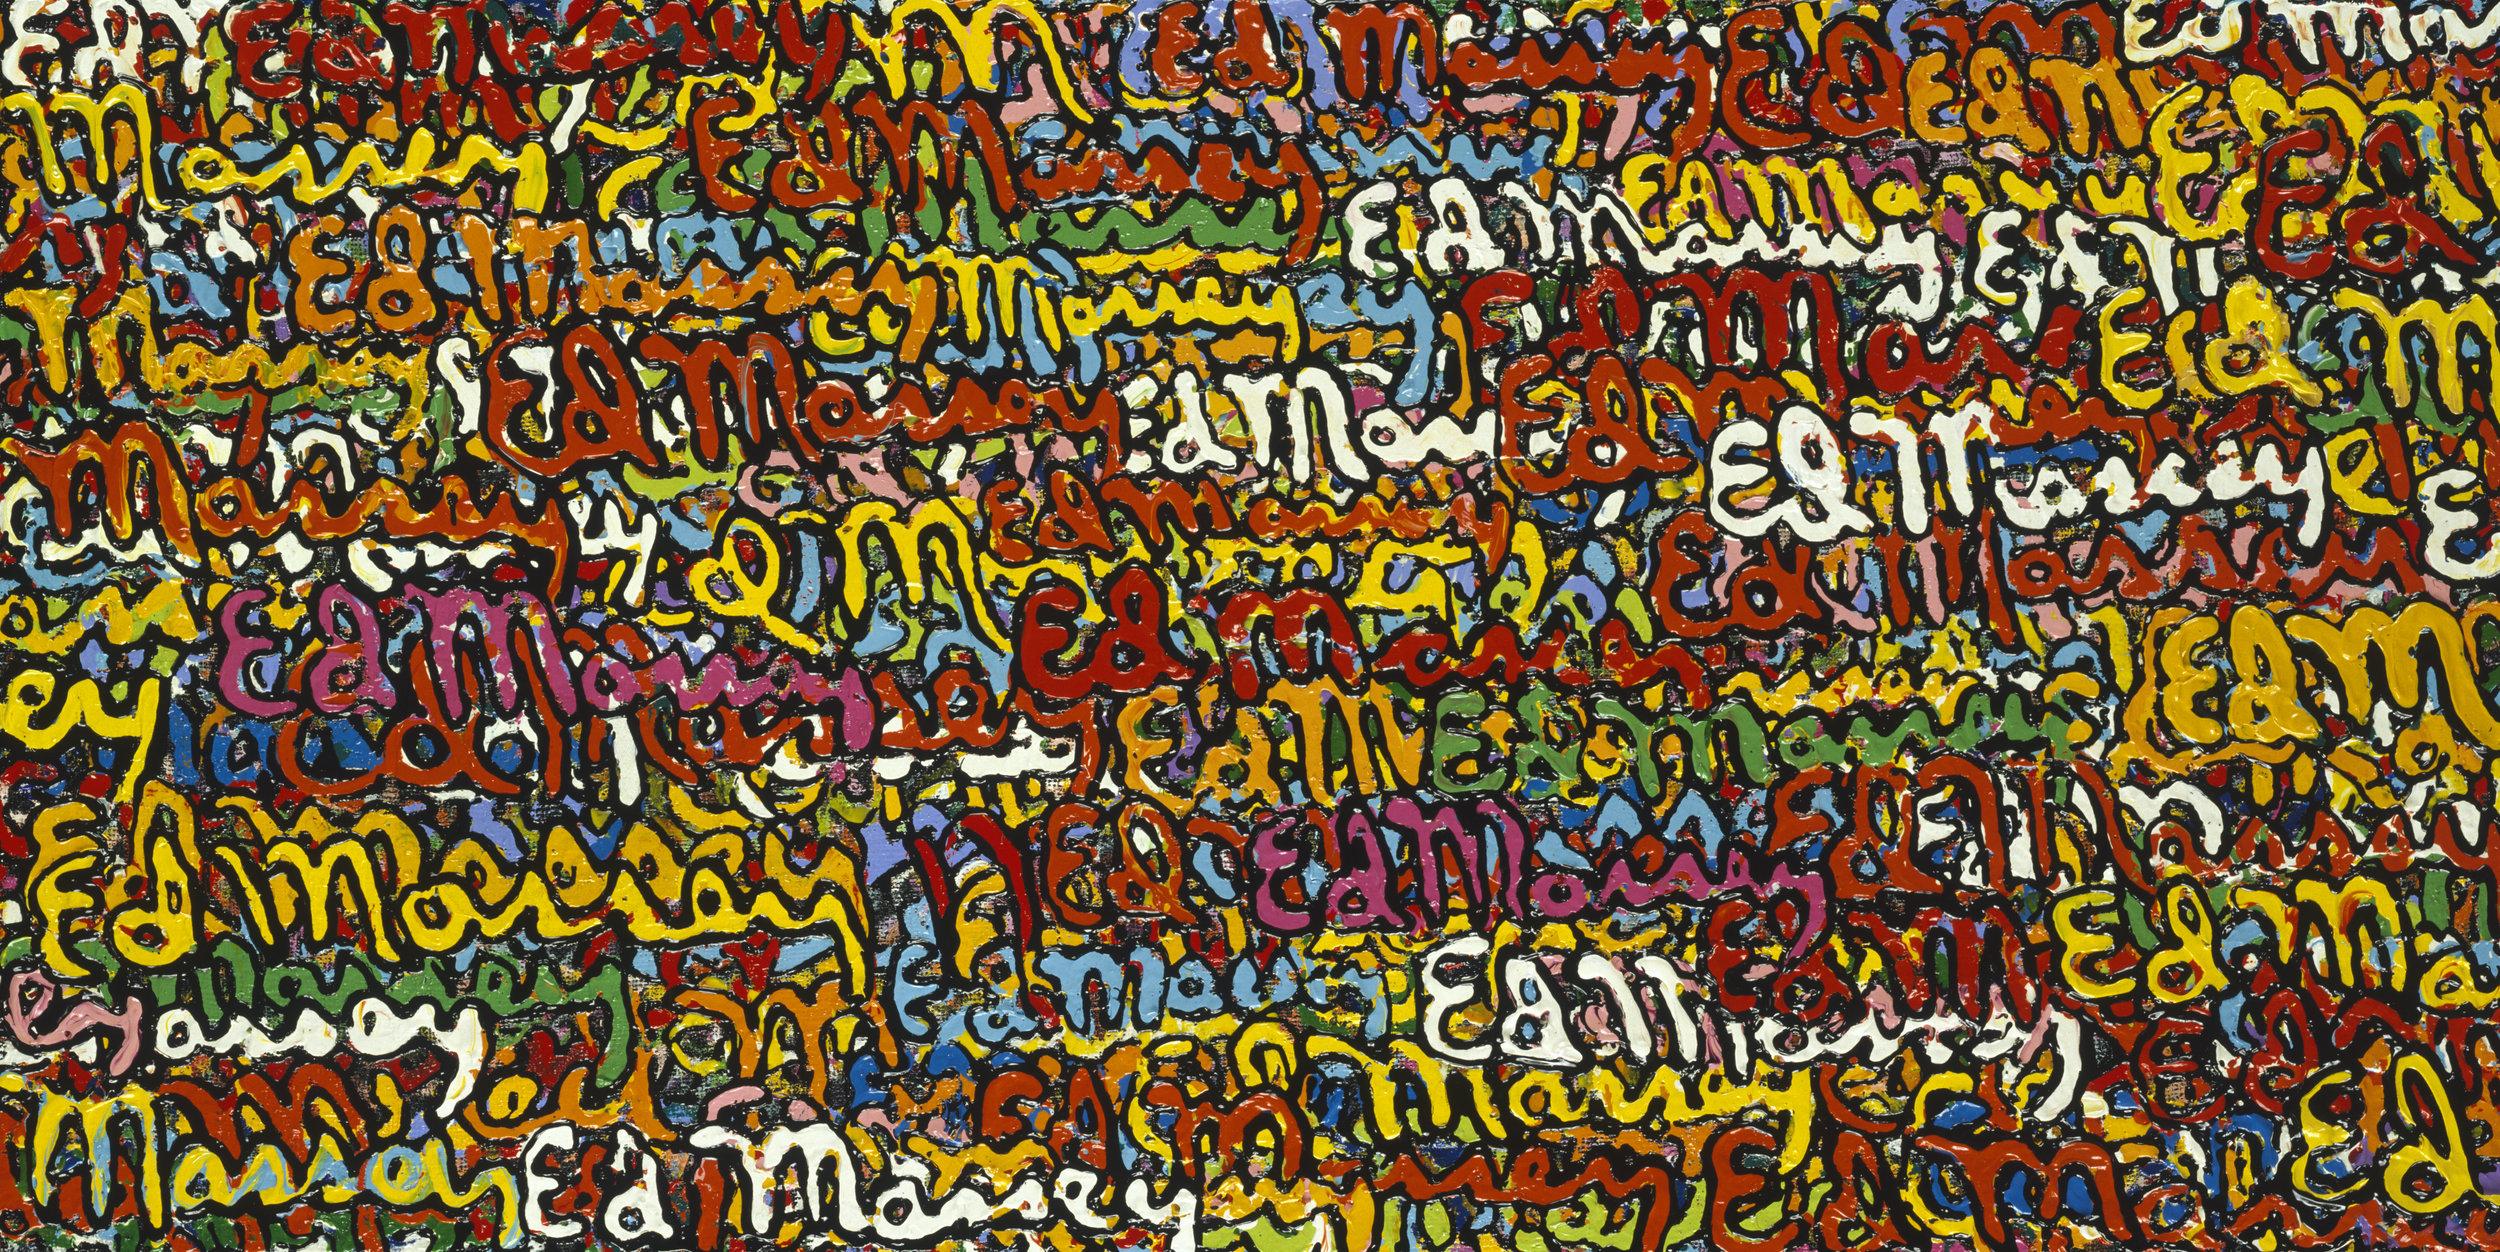 Signature painting, 2001